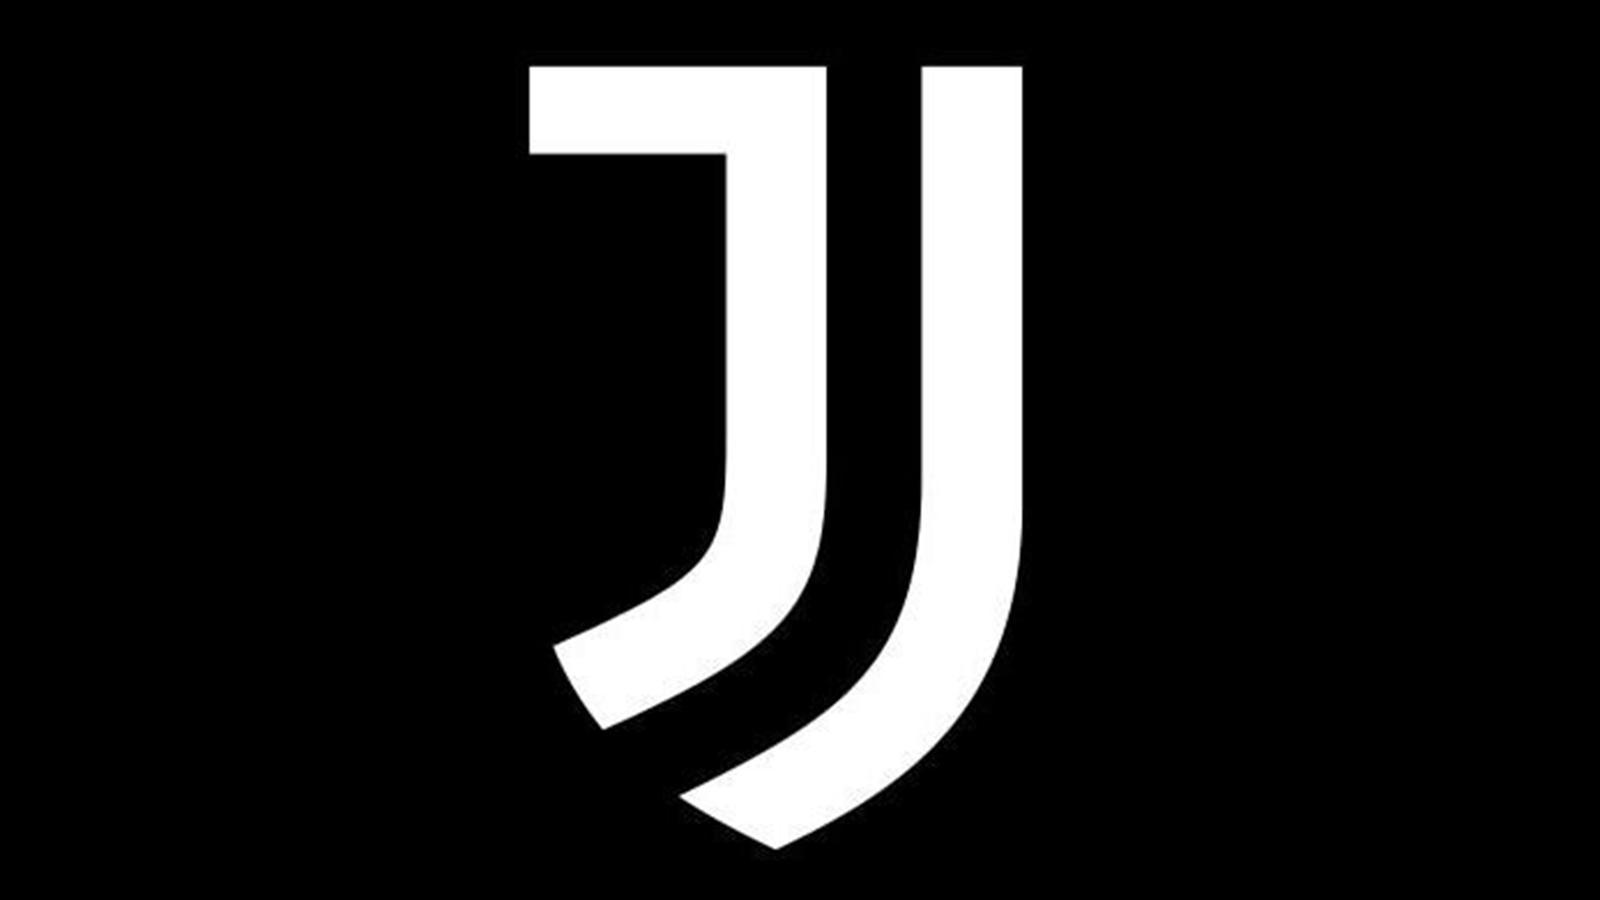 Celtic Wallpaper Hd La Juventus Presenta Il Nuovo Logo Agnelli Quot Definisce Il